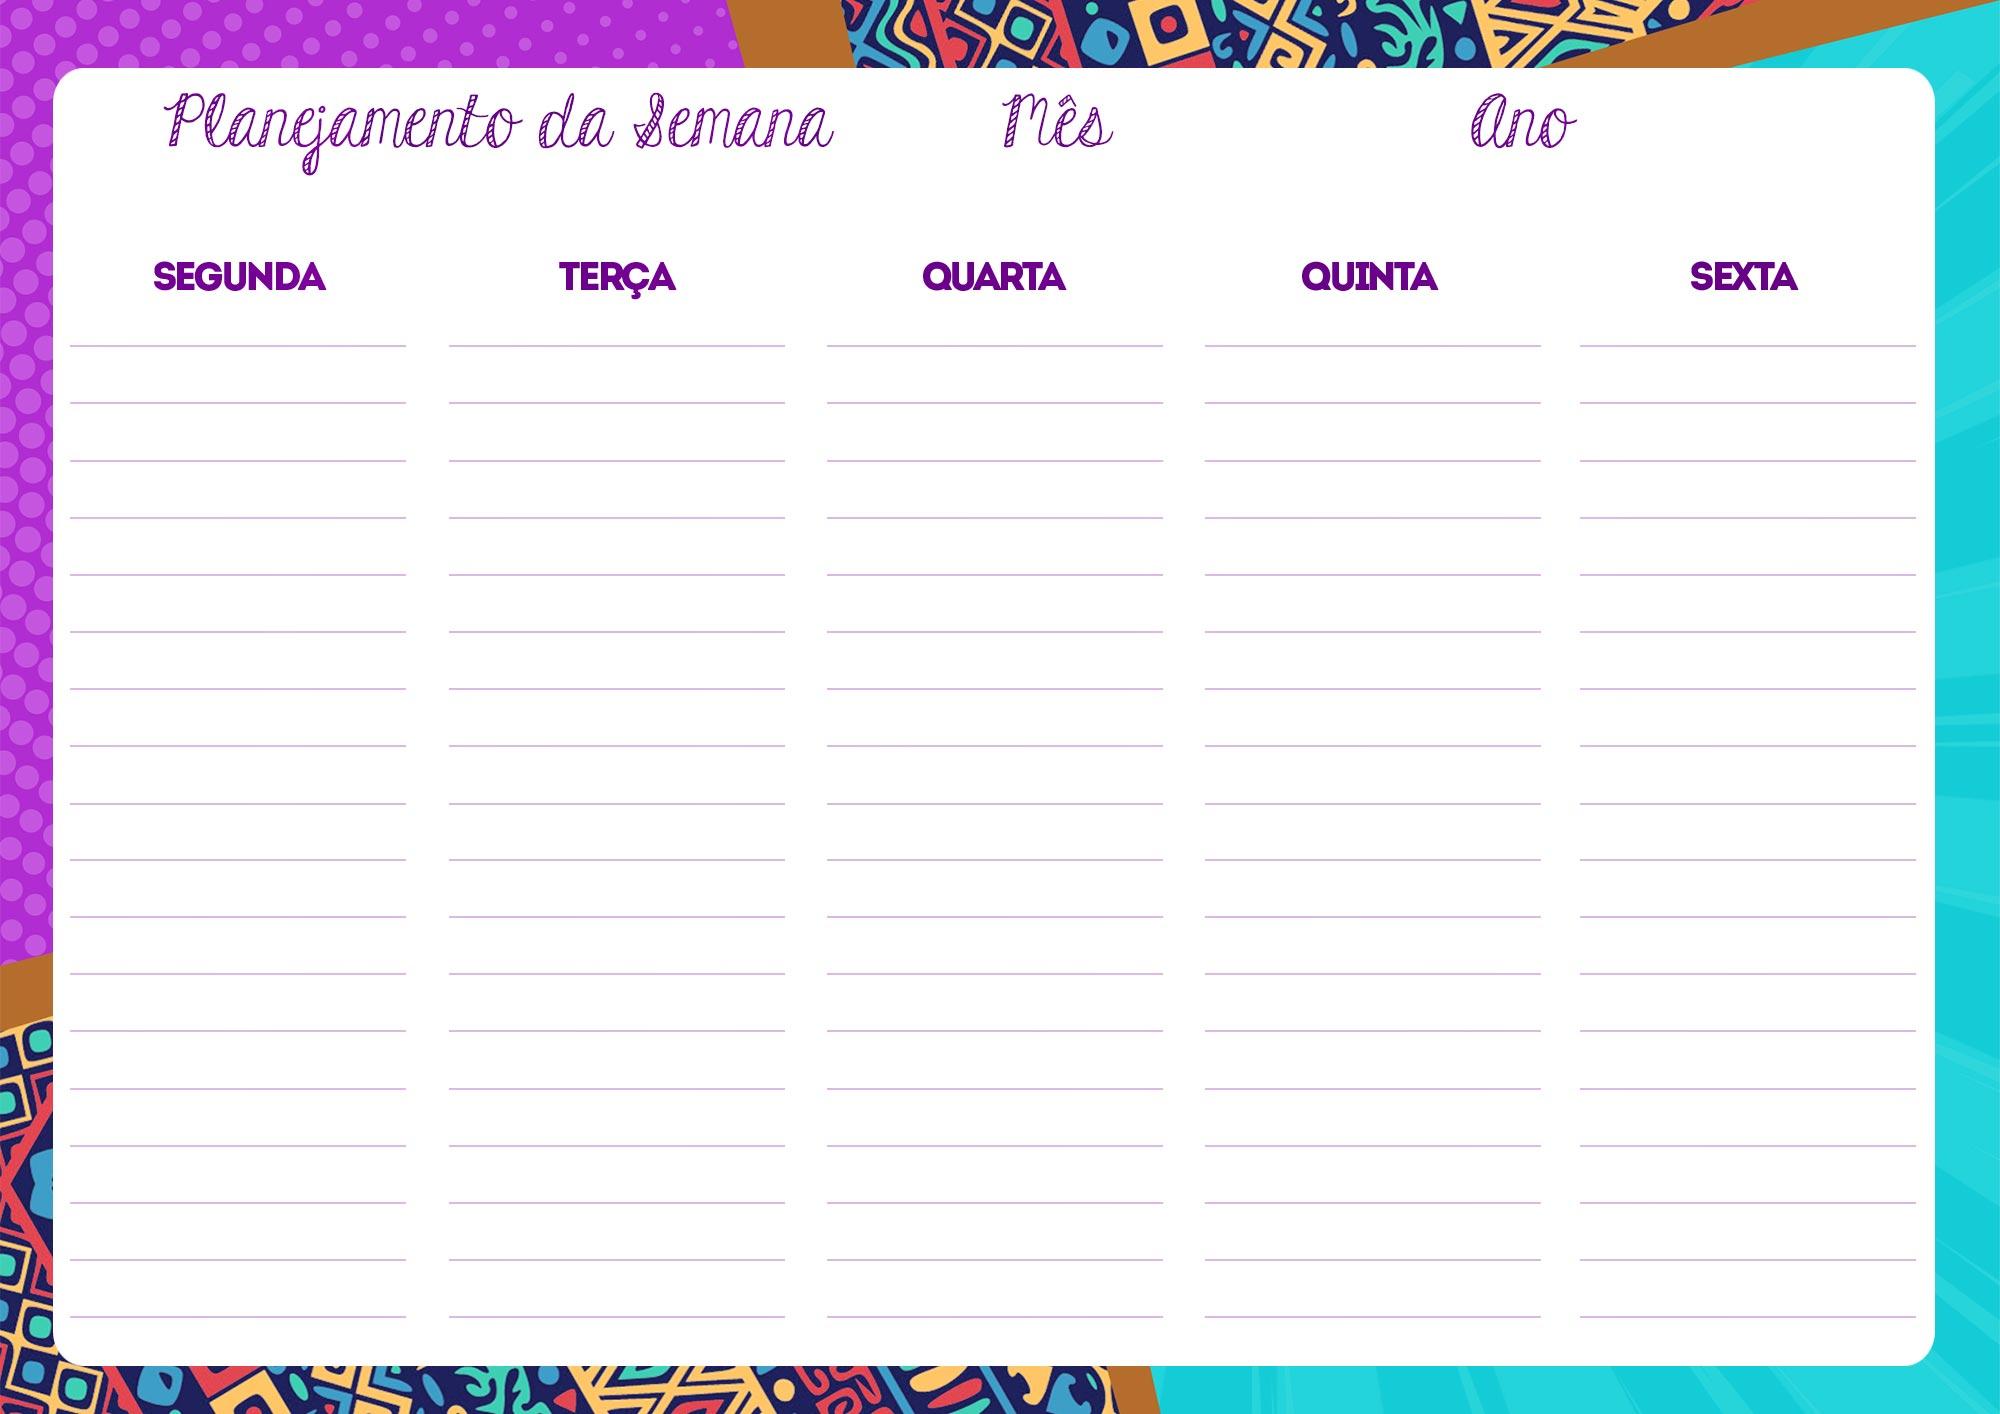 Planner Professor Mulher Afro Planejamento da Semana